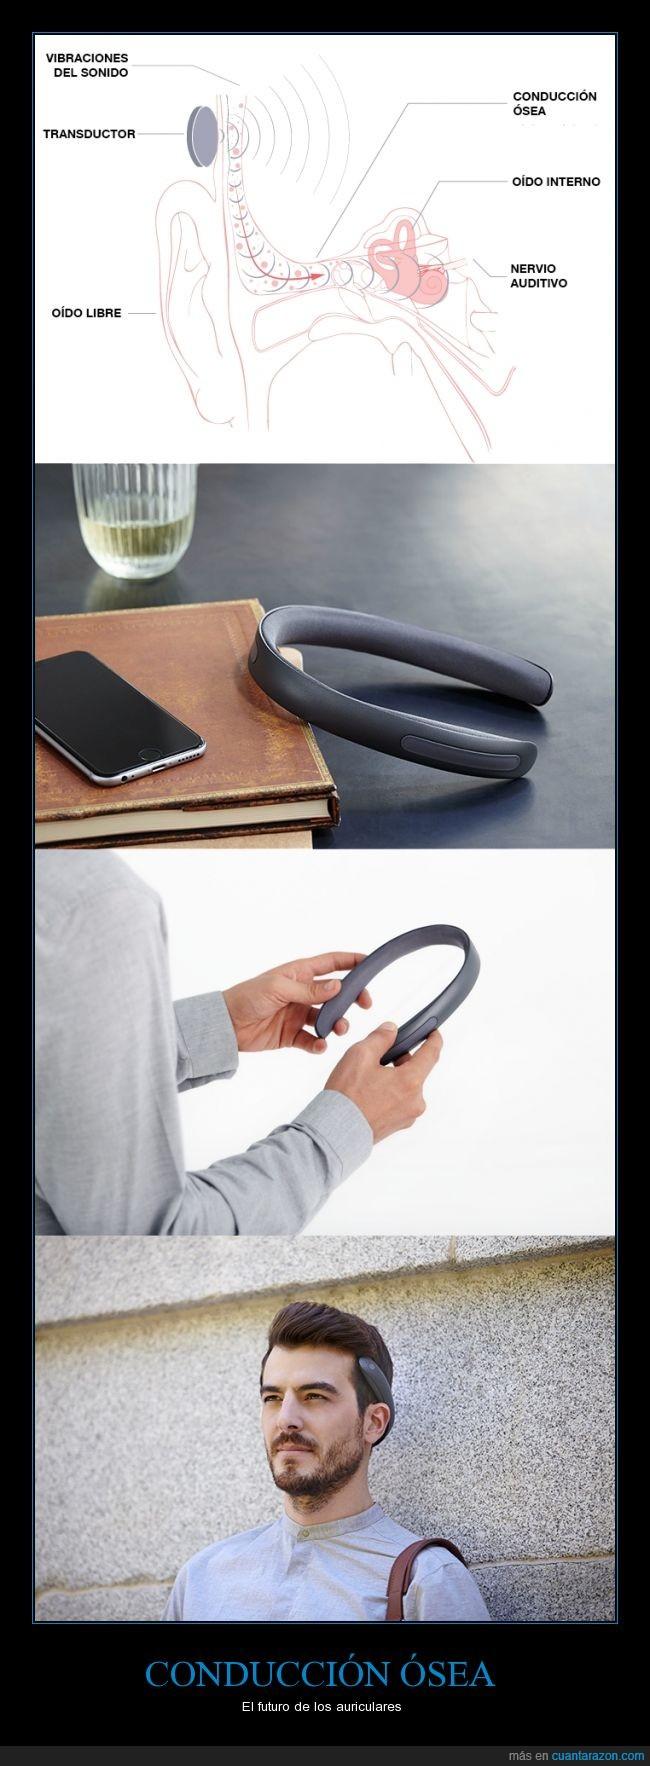 auriculares,conducción ósea,crowdfunding,futuro,gadgets,móvil,música,smartphone,teléfono